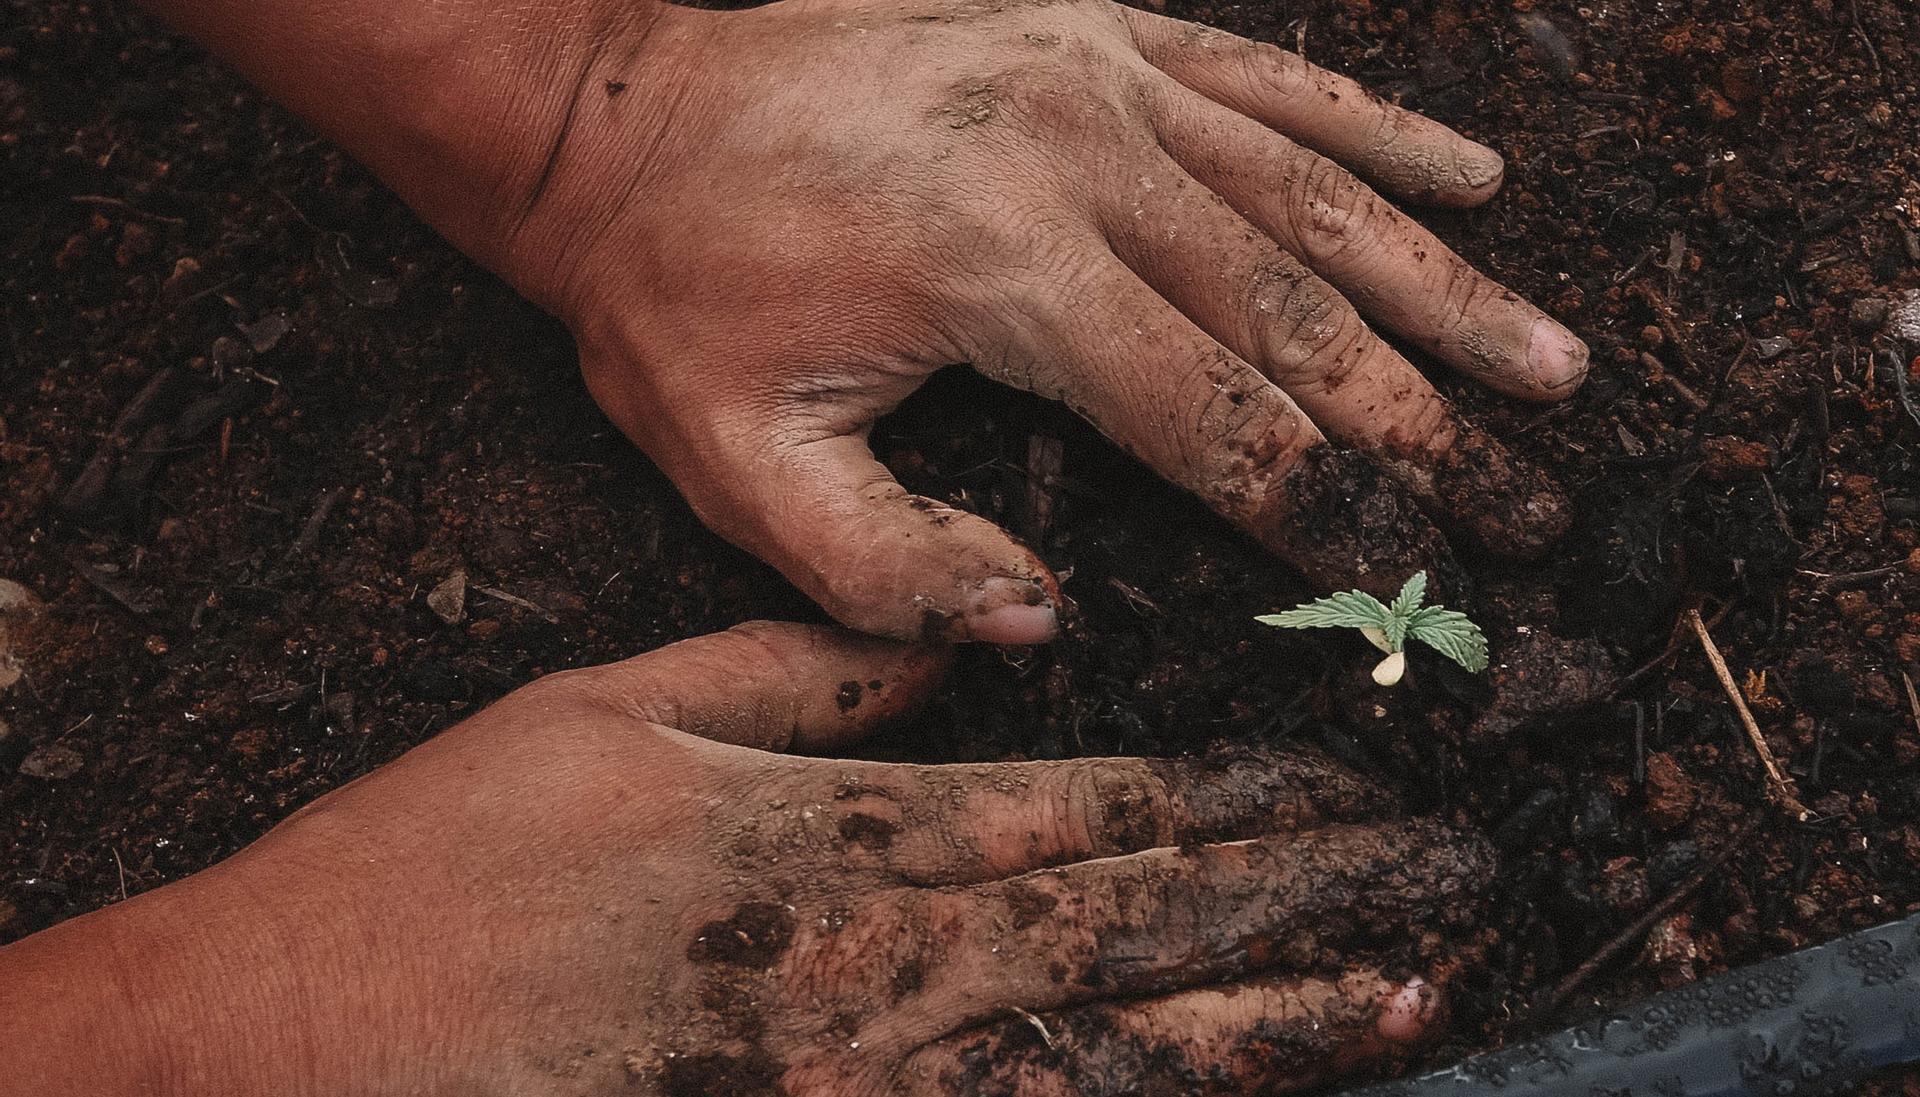 13 миллиардов гривен планируется выделить аграриям Украины